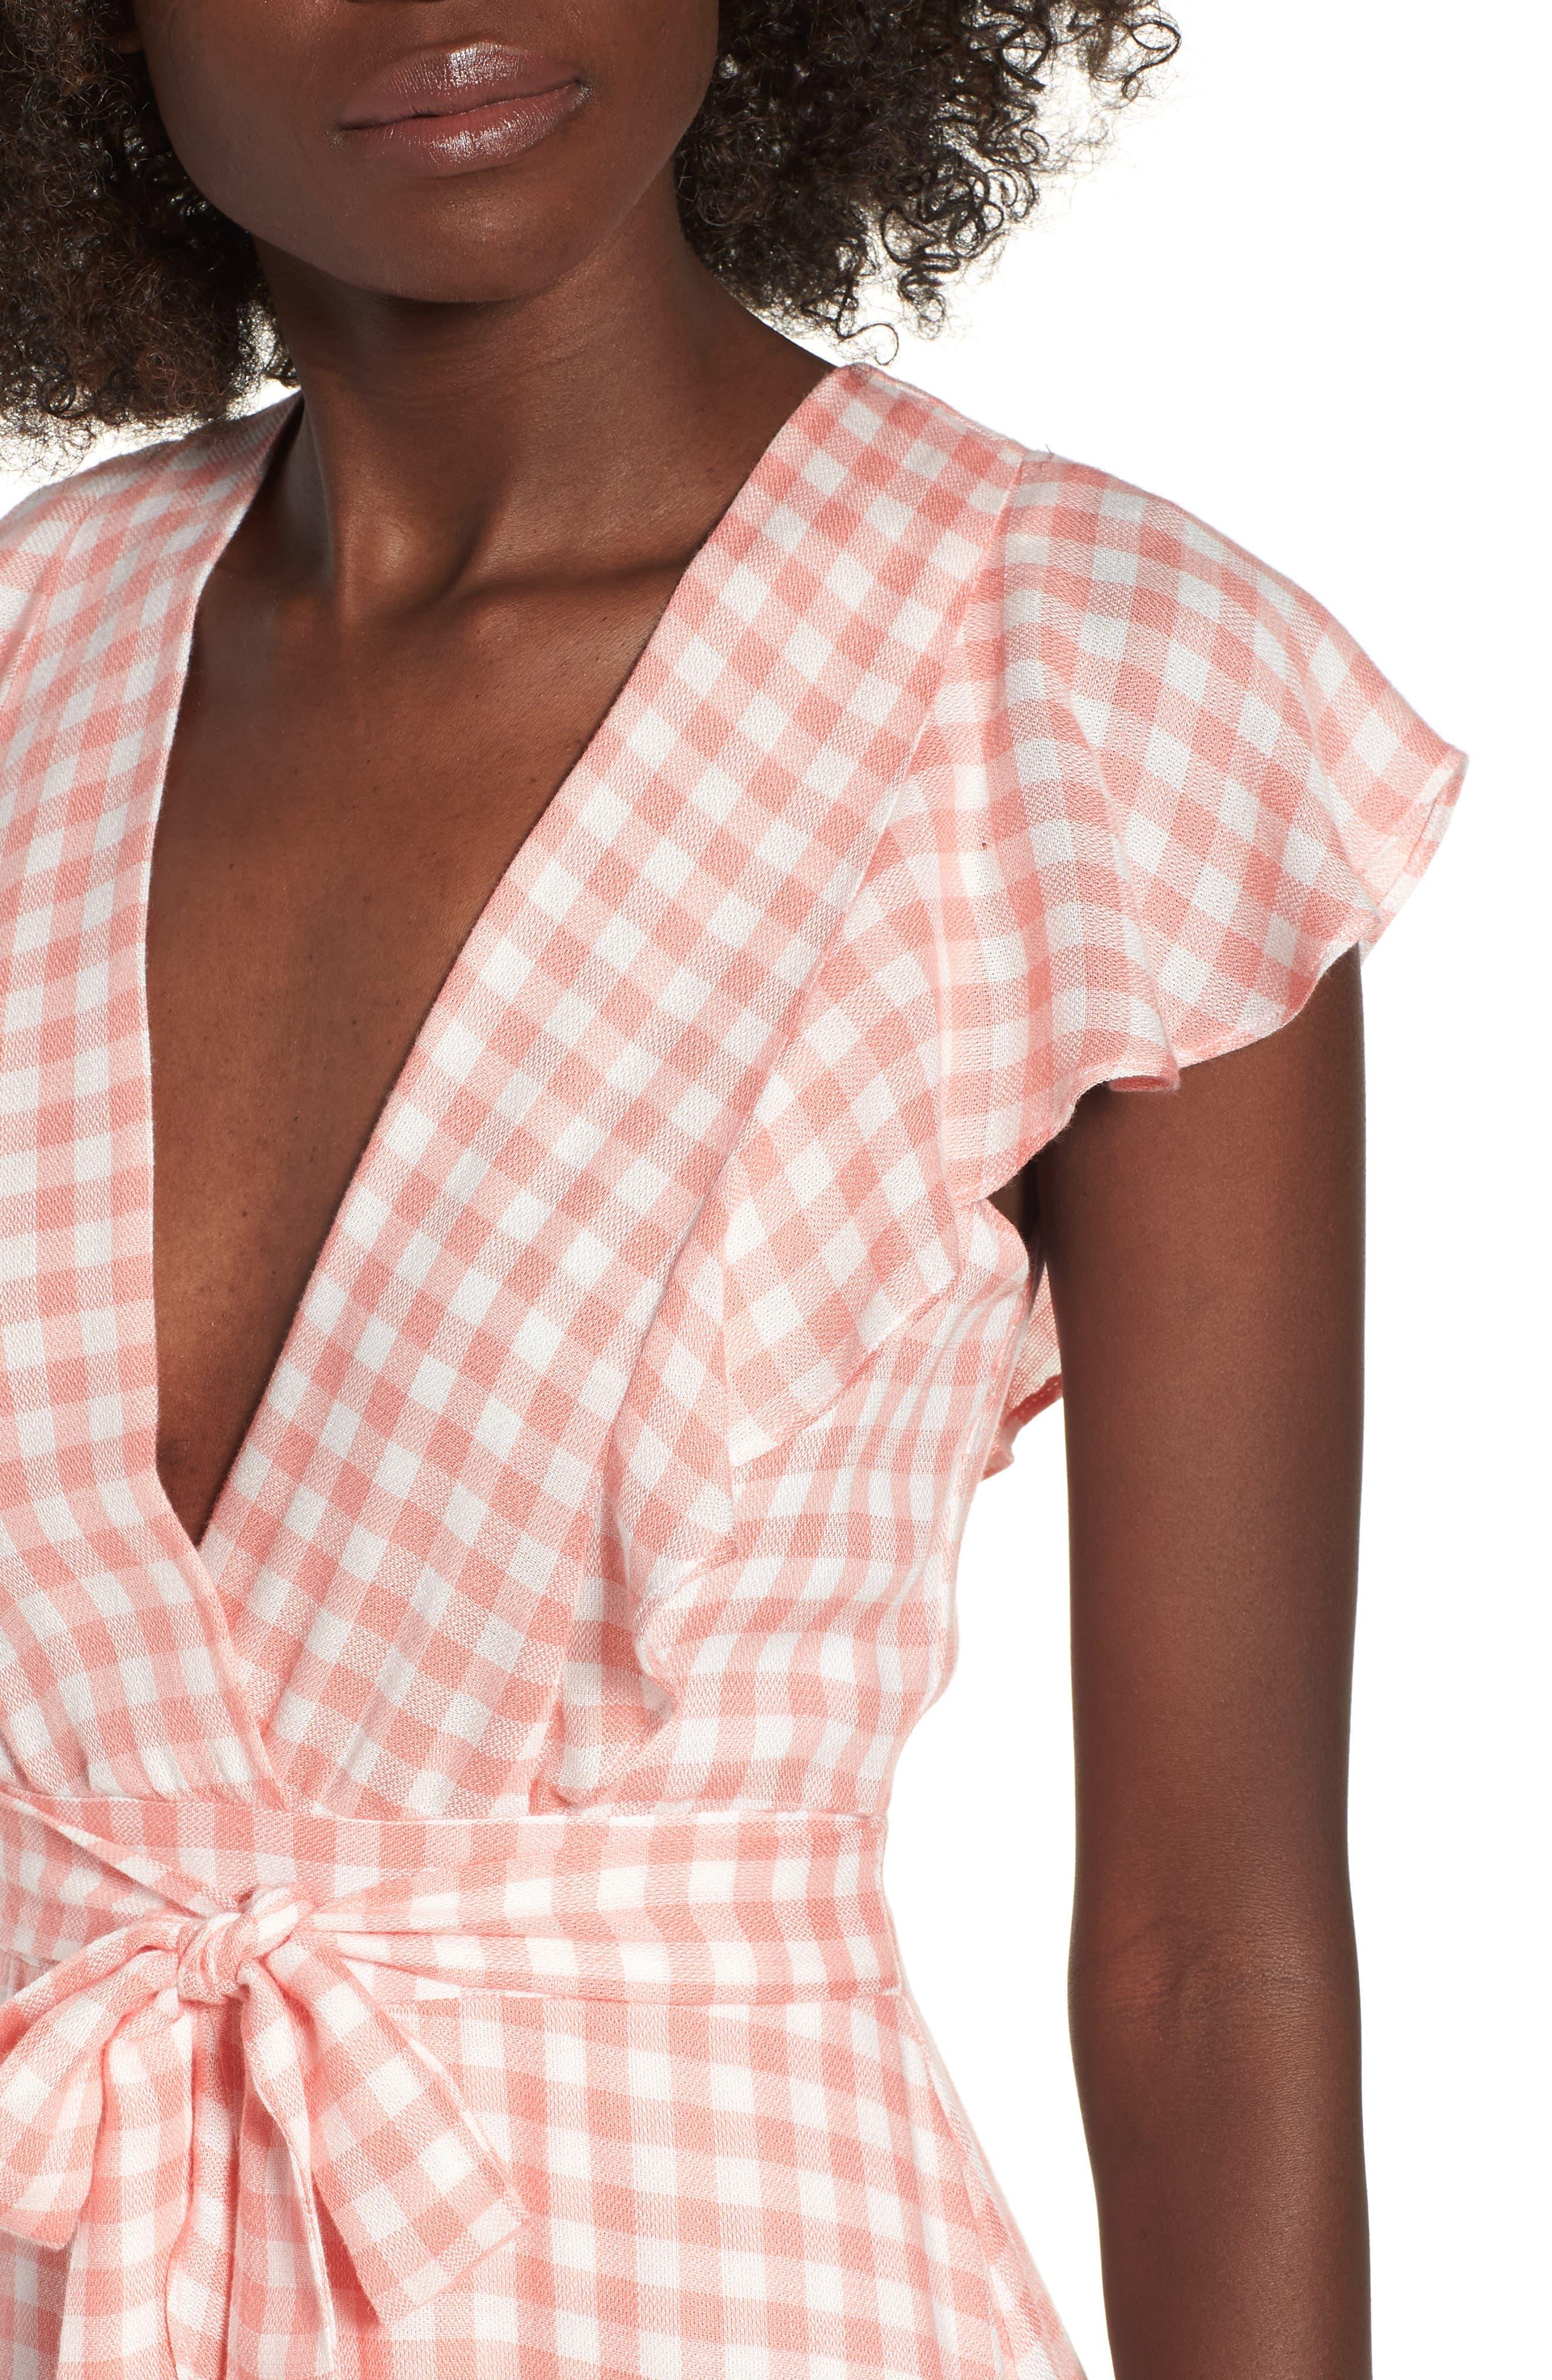 Brunch Ruffle Gingham Dress,                             Alternate thumbnail 4, color,                             693